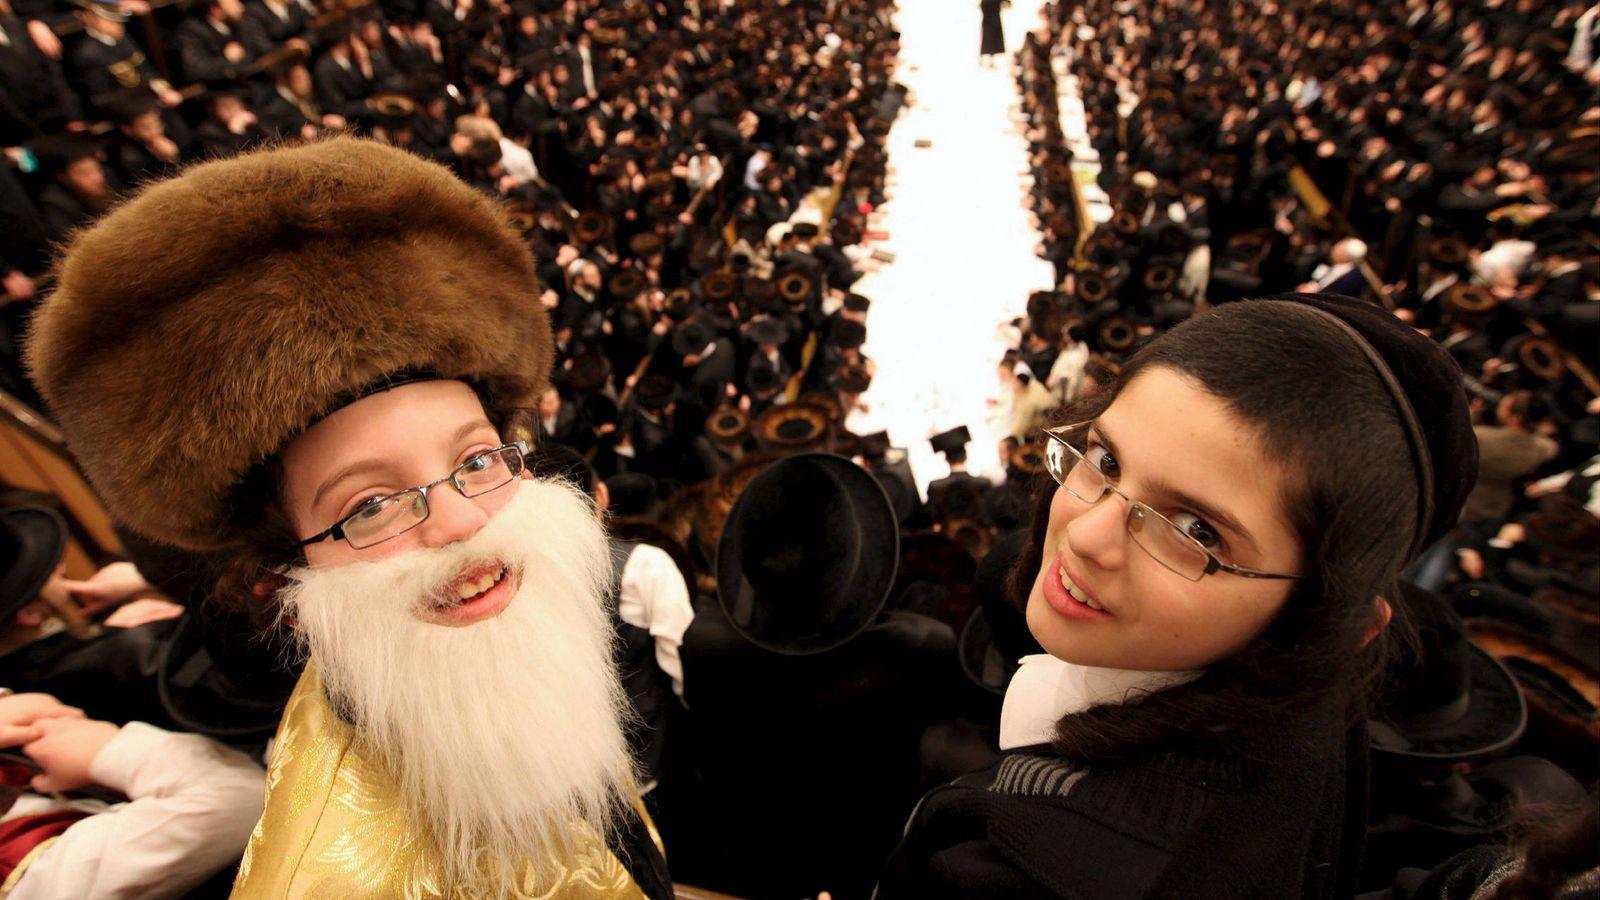 Foto: Niños disfrazados de rabinos en una sinagoga (EFE)